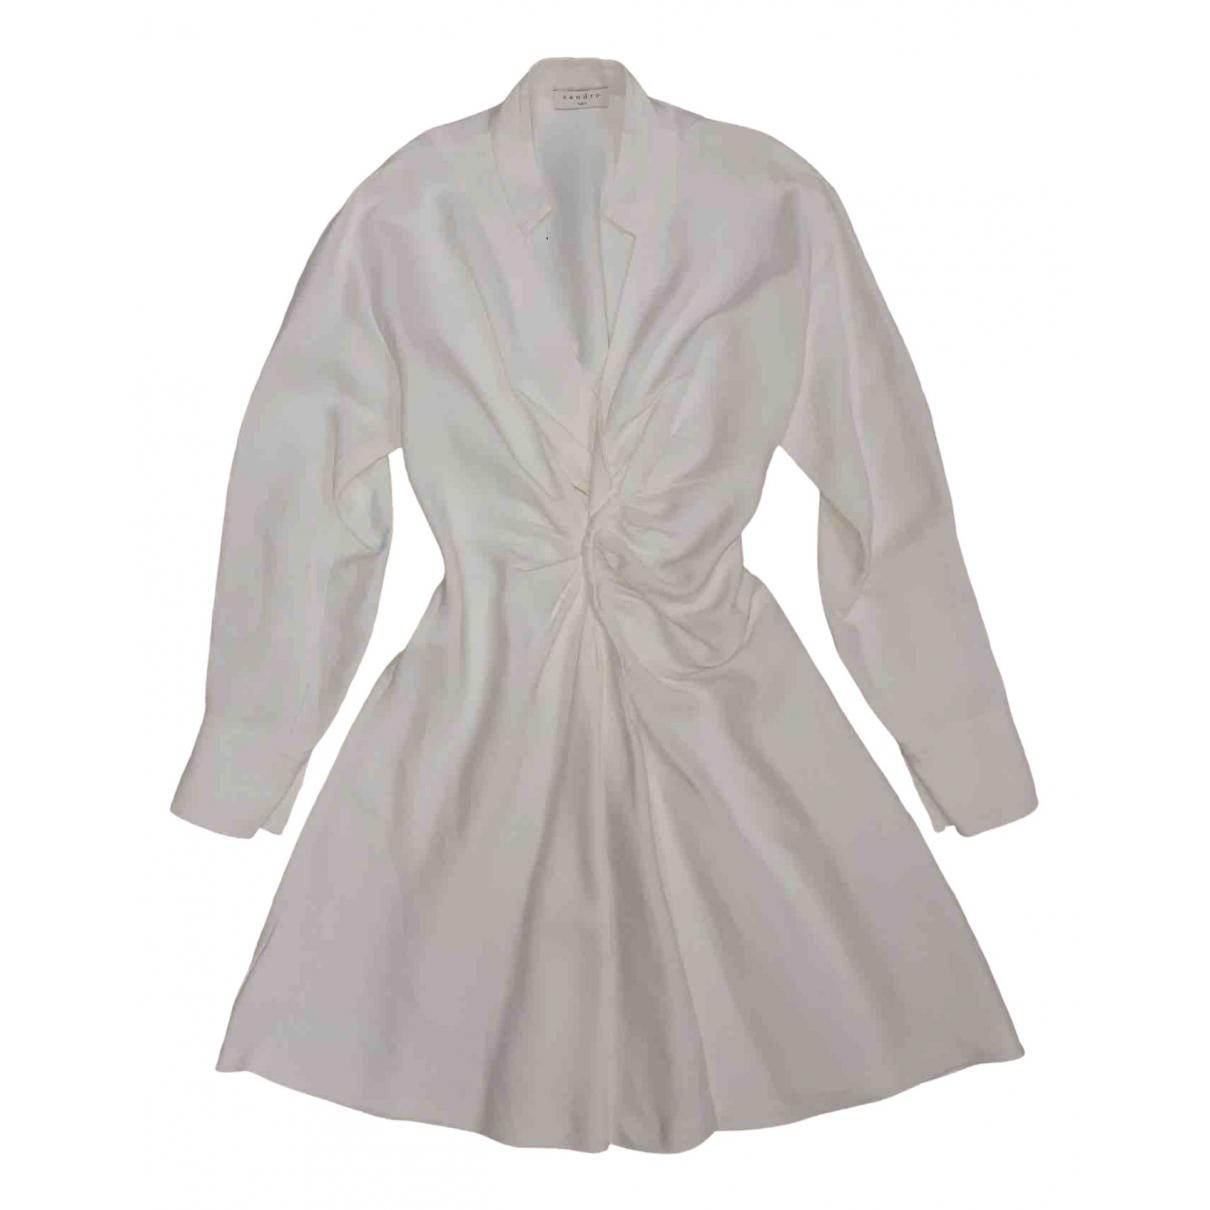 Sandro \N White dress for Women 34 FR